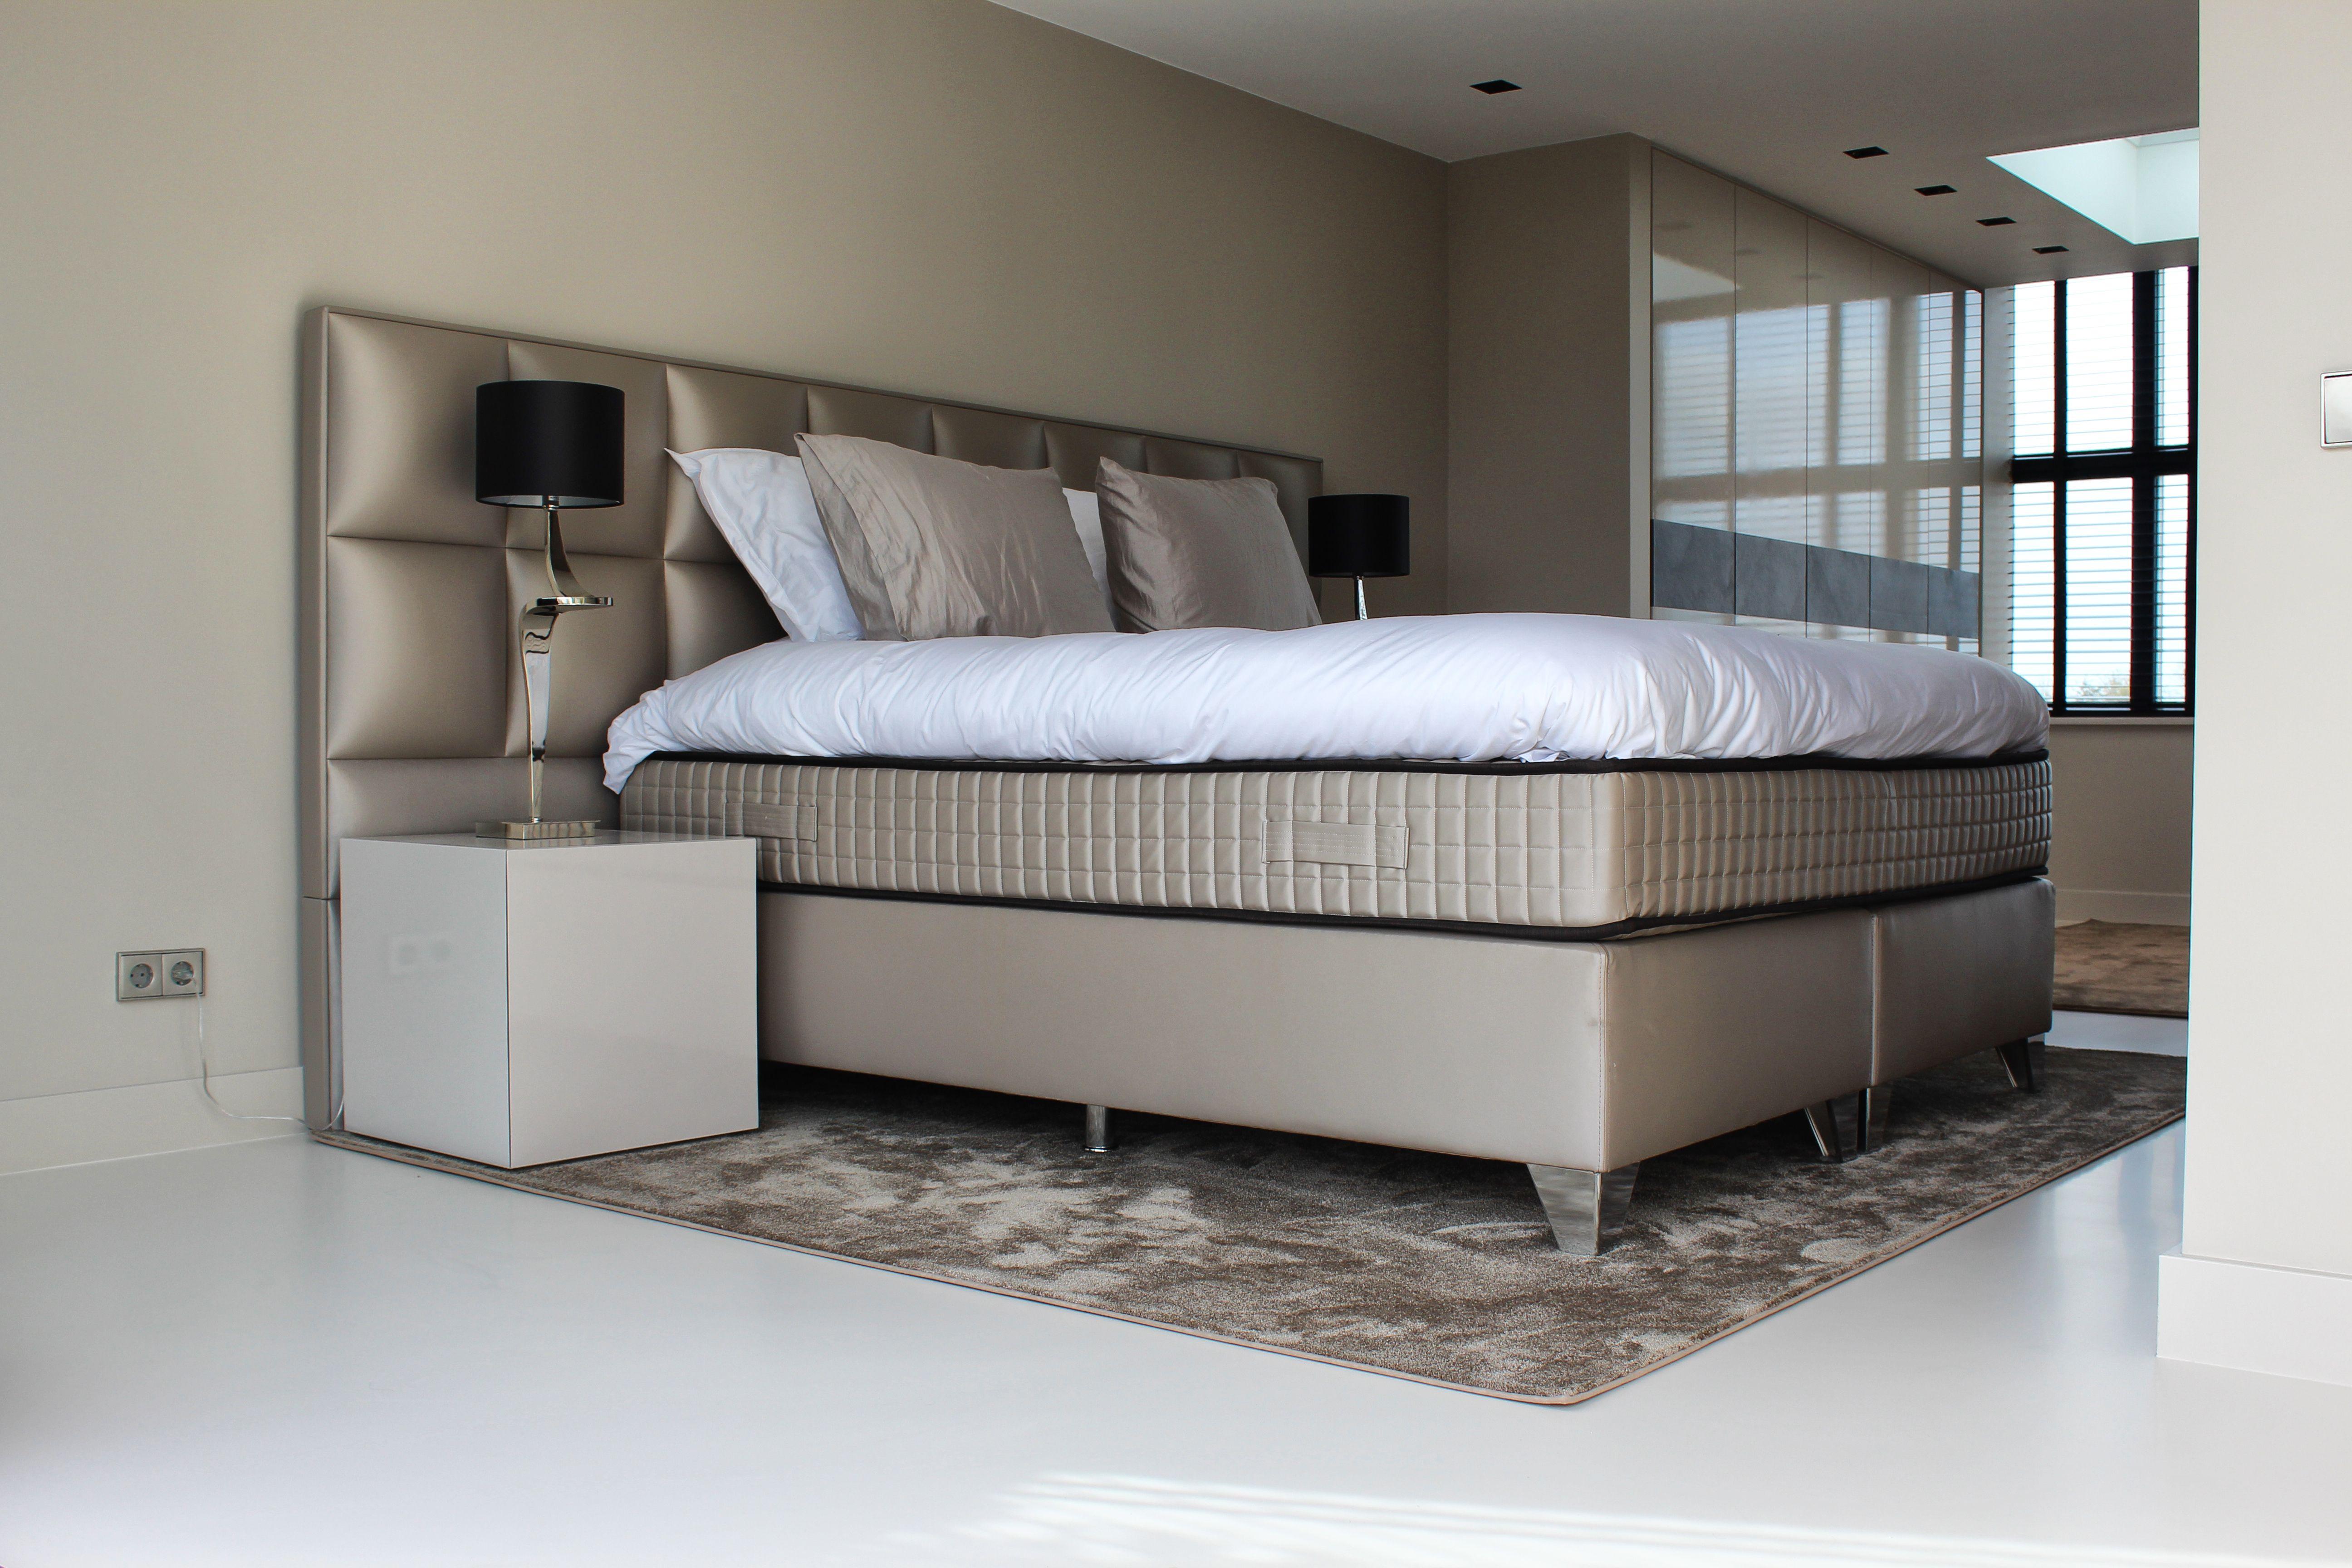 Kunststof gietvloer in slaapkamer motion gietvloeren gietvloer